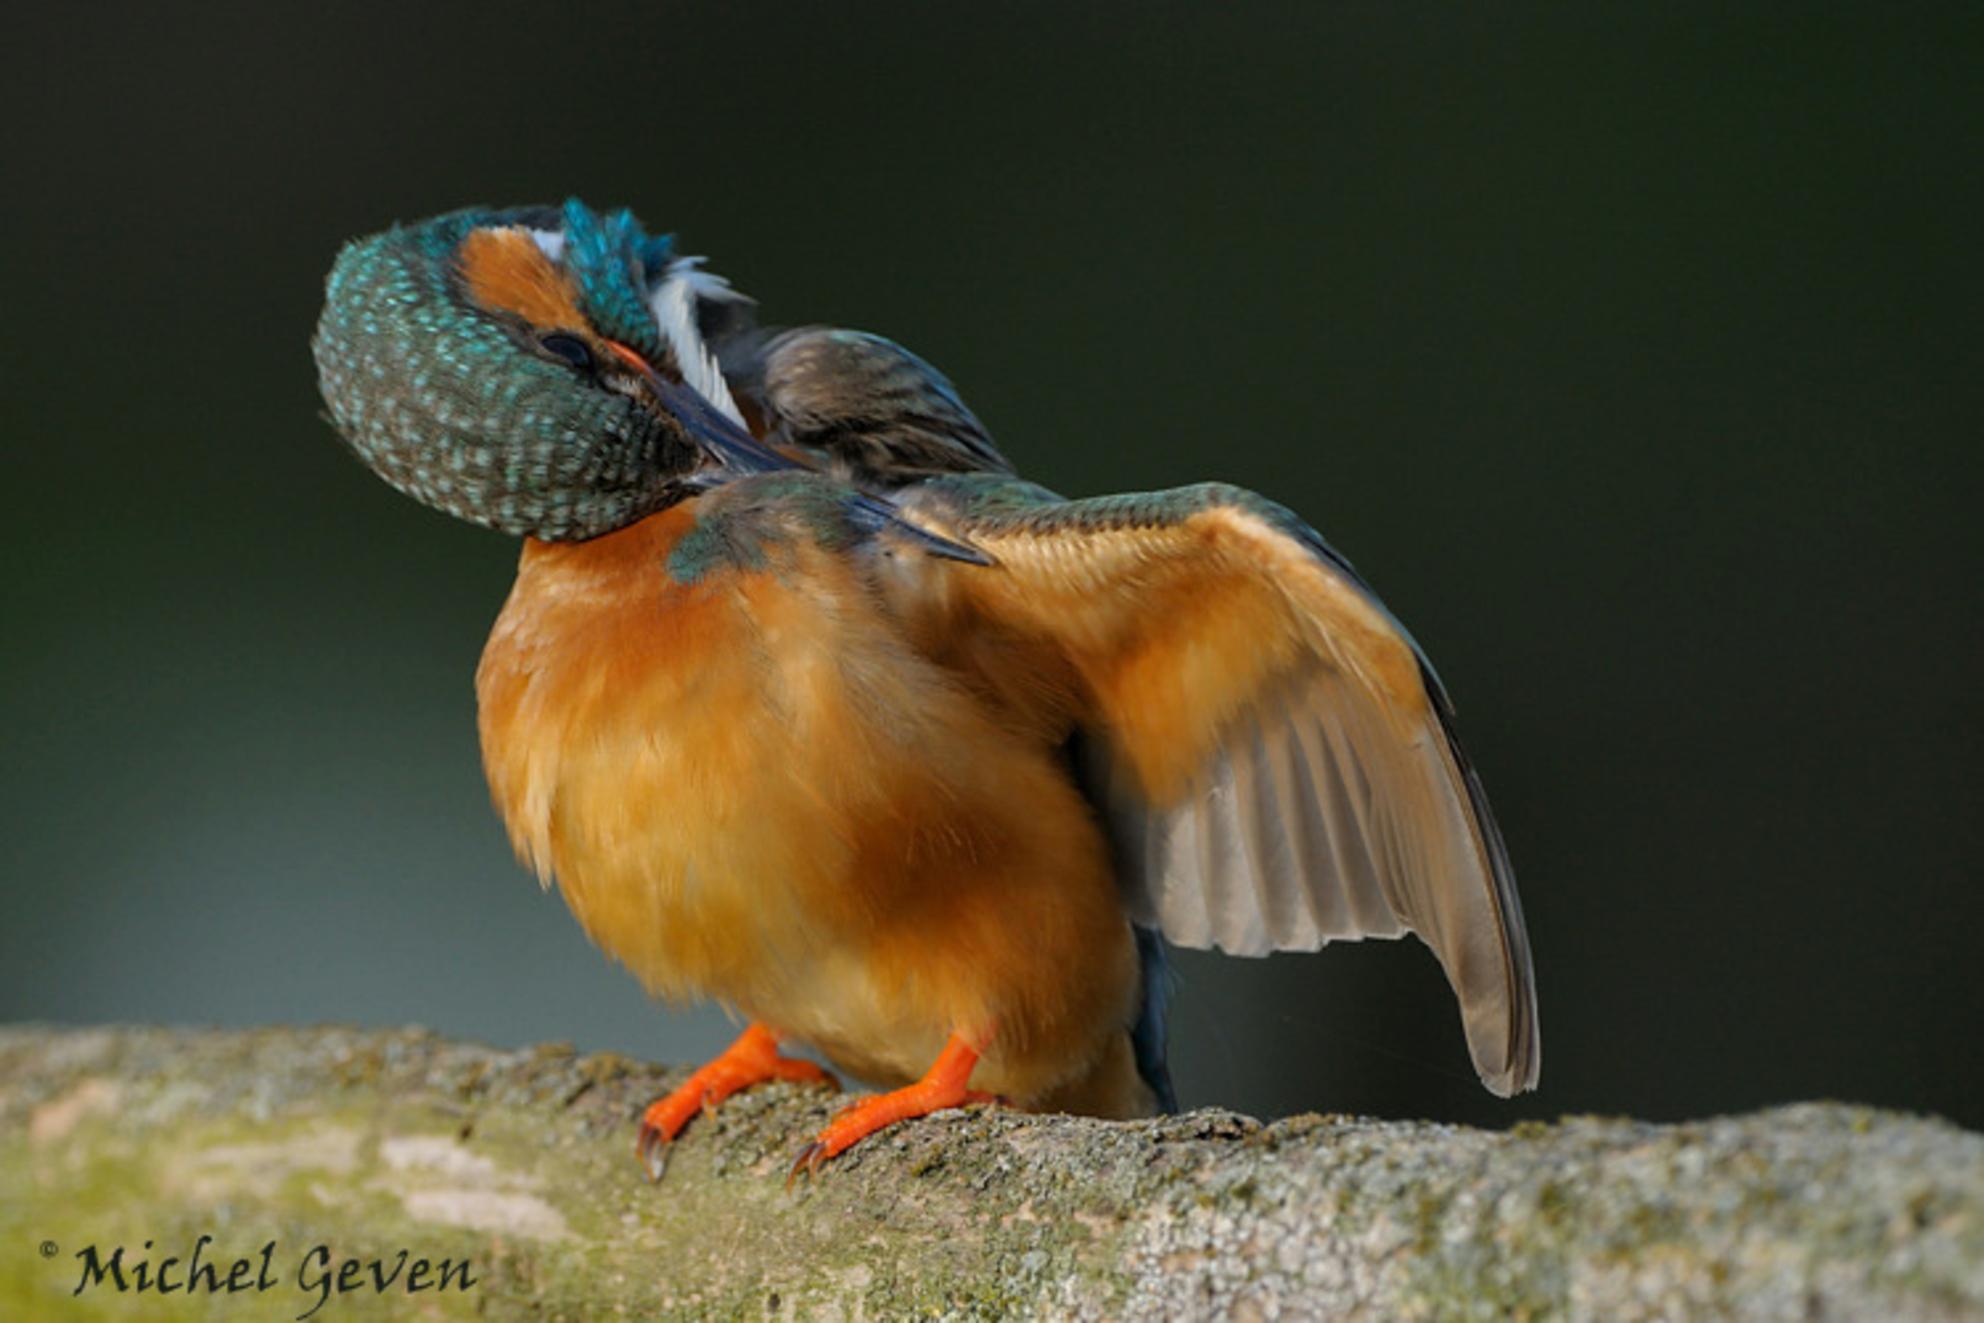 Jeuk - IJsvogeltjes blijven leuke vogeltjes om te volgen en te fotograferen. Deze zat zich zonder enige schaamte uitgebreid te poetsen... D300 200-400VR, s - foto door michelgeven op 26-12-2008 - deze foto bevat: vleugel, ijsvogel, poetsen, wing, alcedo, atthis, preening - Deze foto mag gebruikt worden in een Zoom.nl publicatie